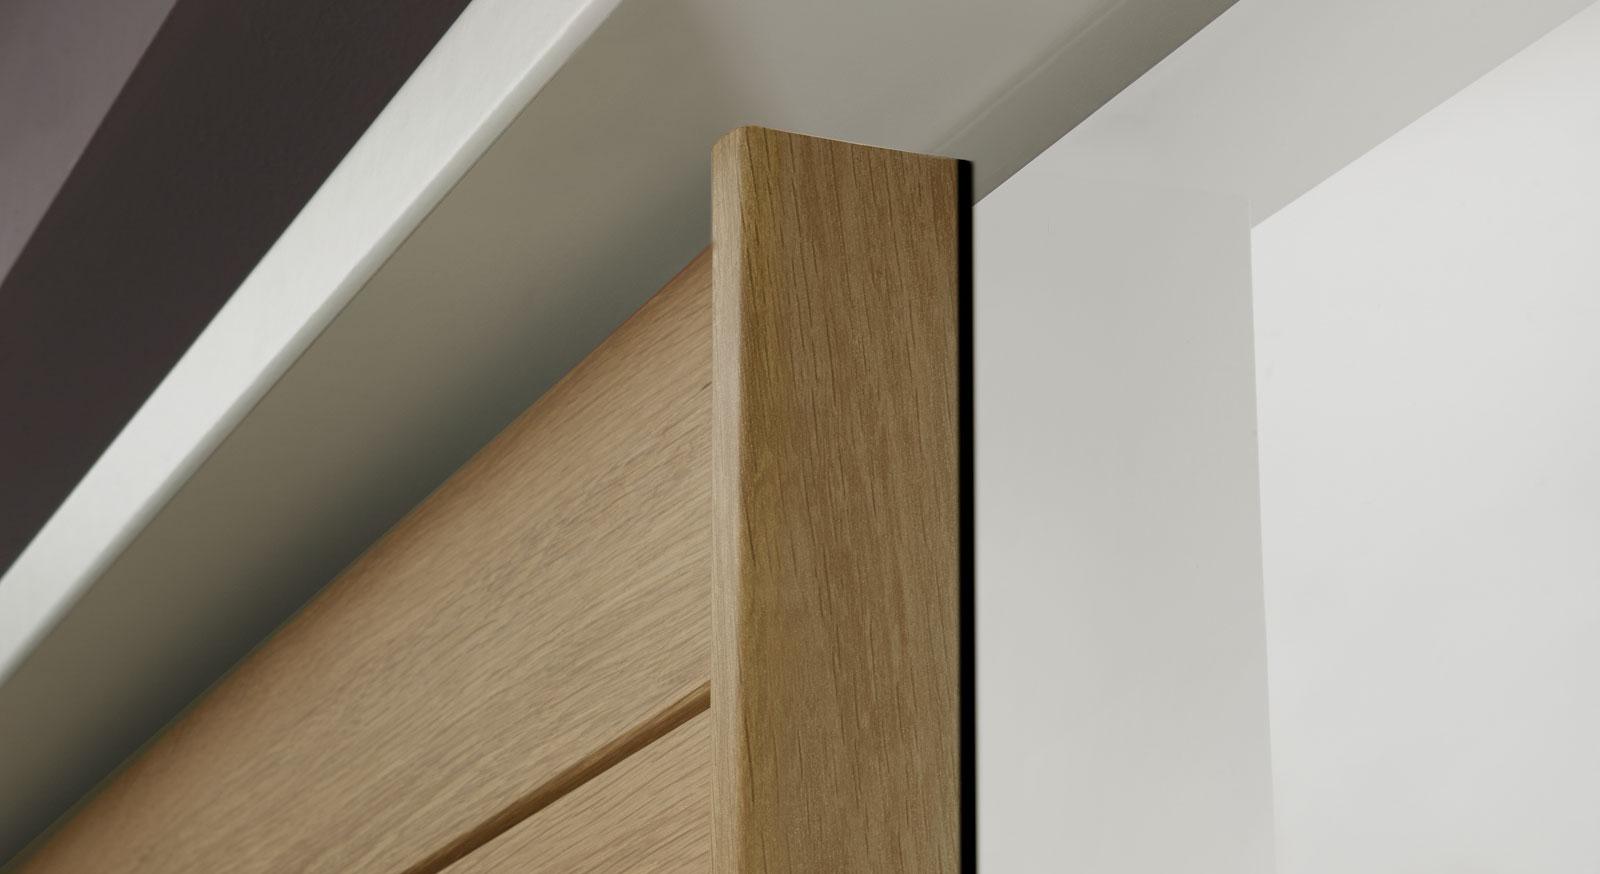 sichtschutz plissee fenster sichtschutz f r dachfenster. Black Bedroom Furniture Sets. Home Design Ideas